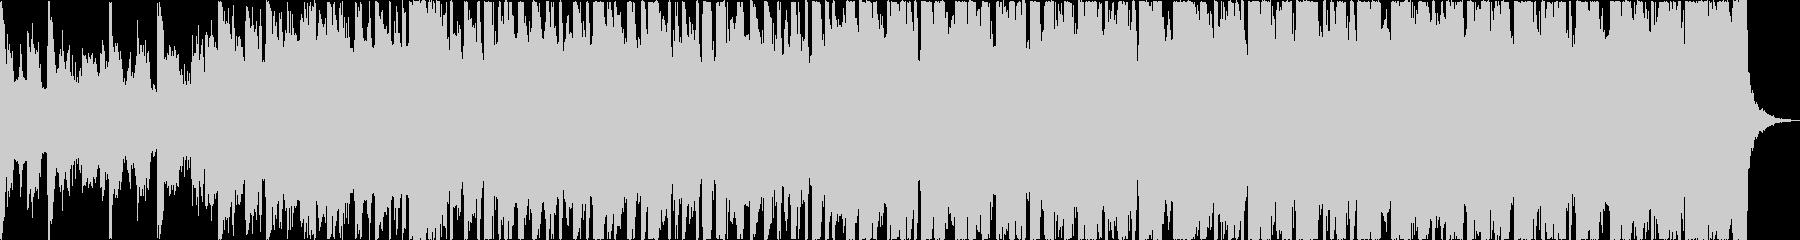 おしゃれレトロディスコシティポップcの未再生の波形